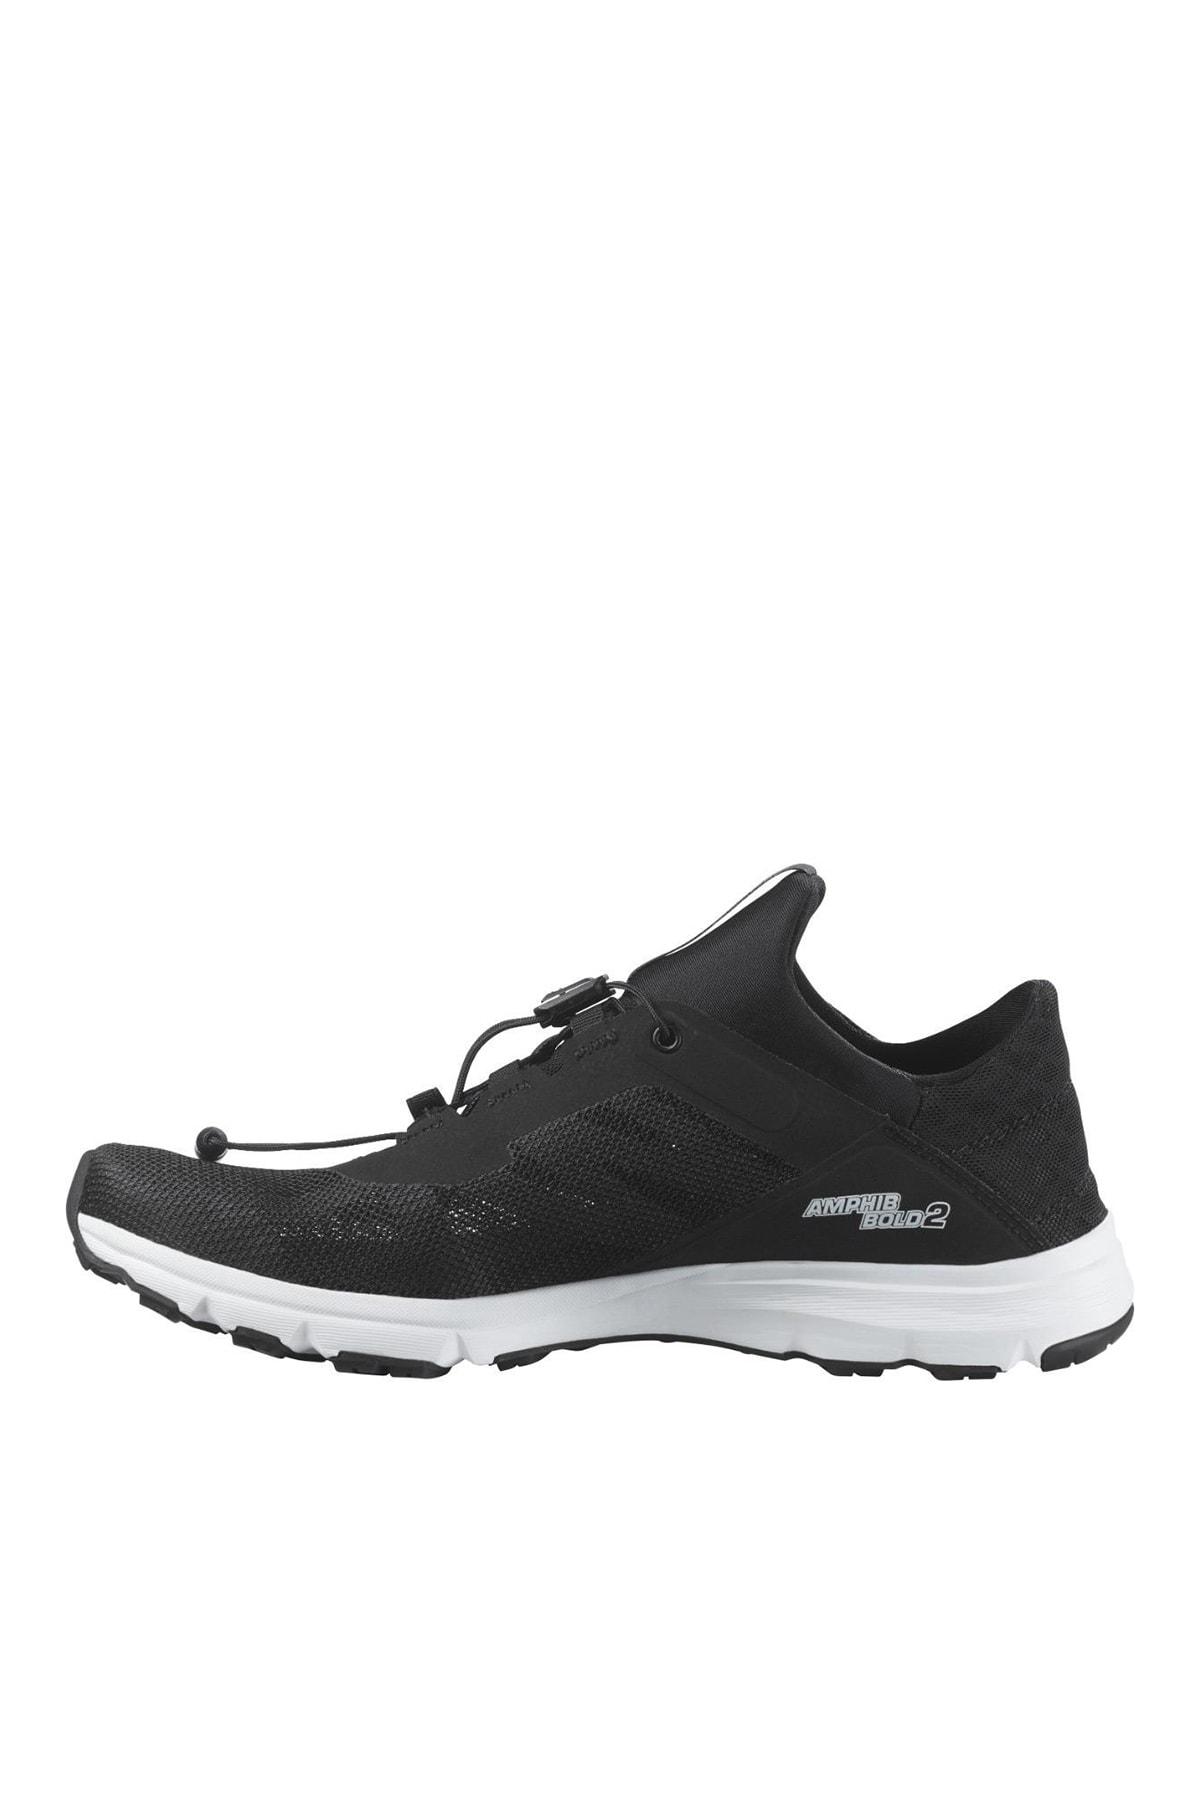 Salomon Kadın Siyah Outdoor Ayakkabı L41304200 1